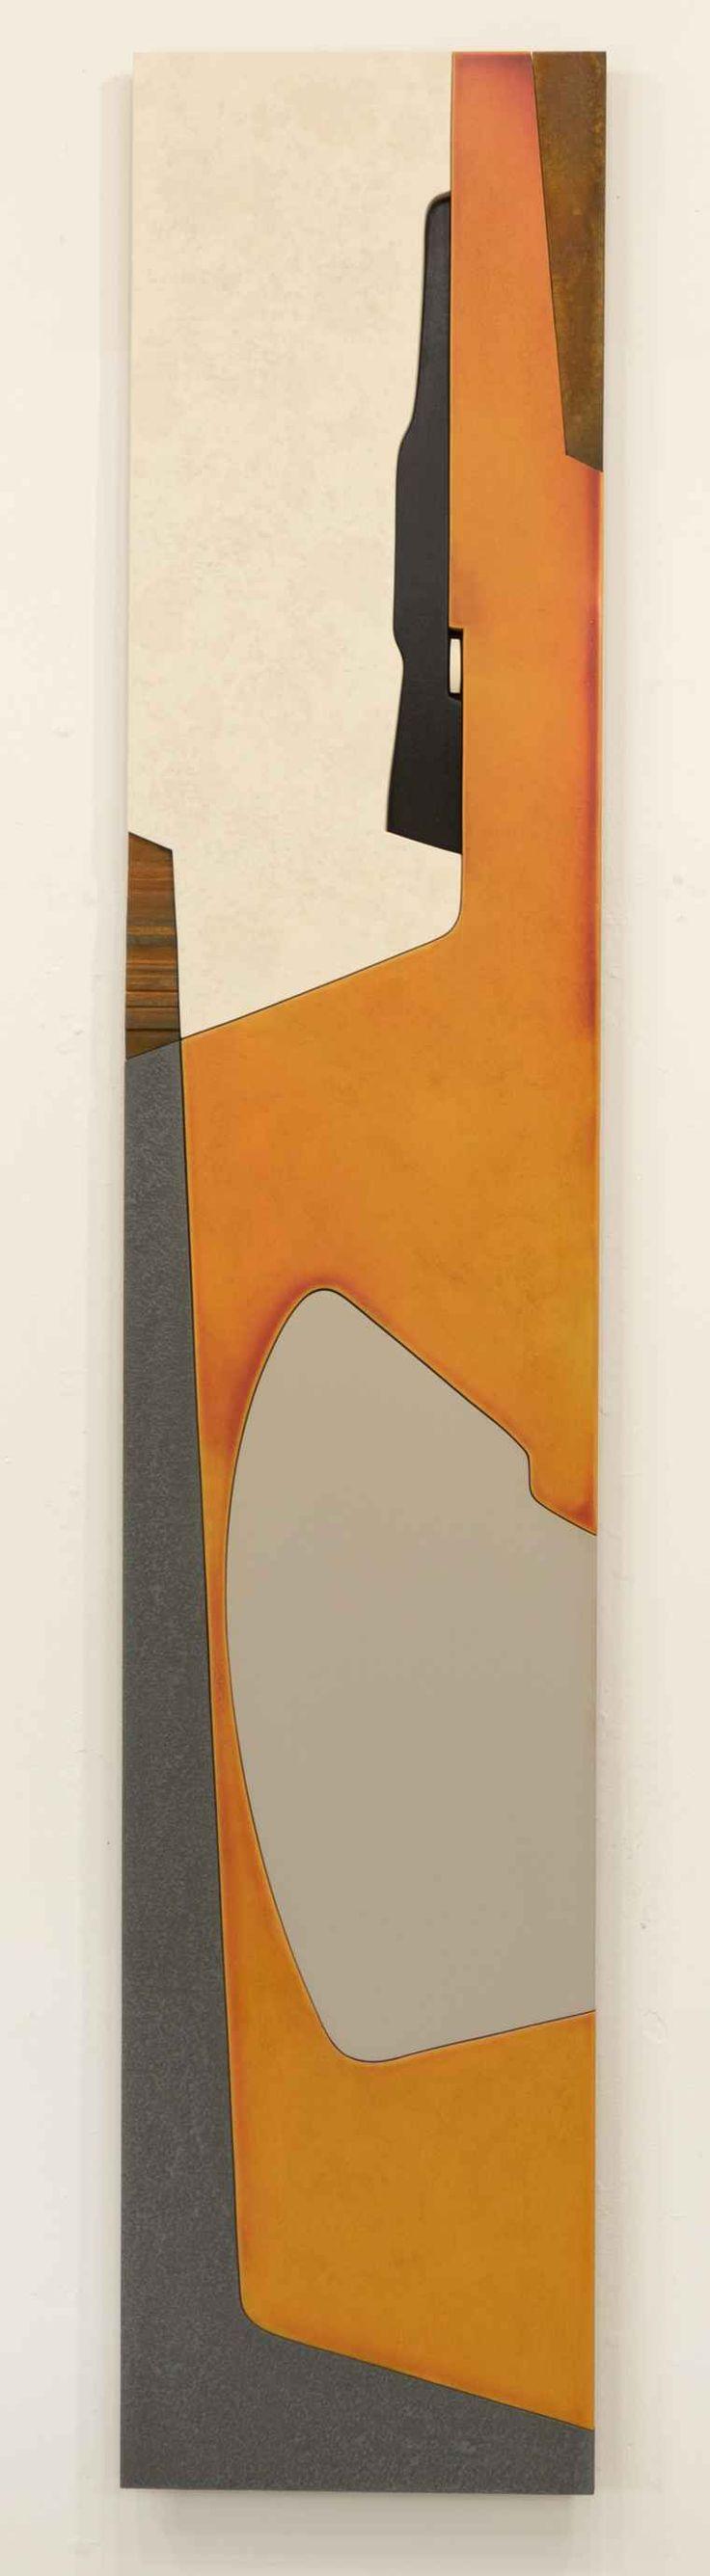 Fleche Verve 1 by Pascal Pierme